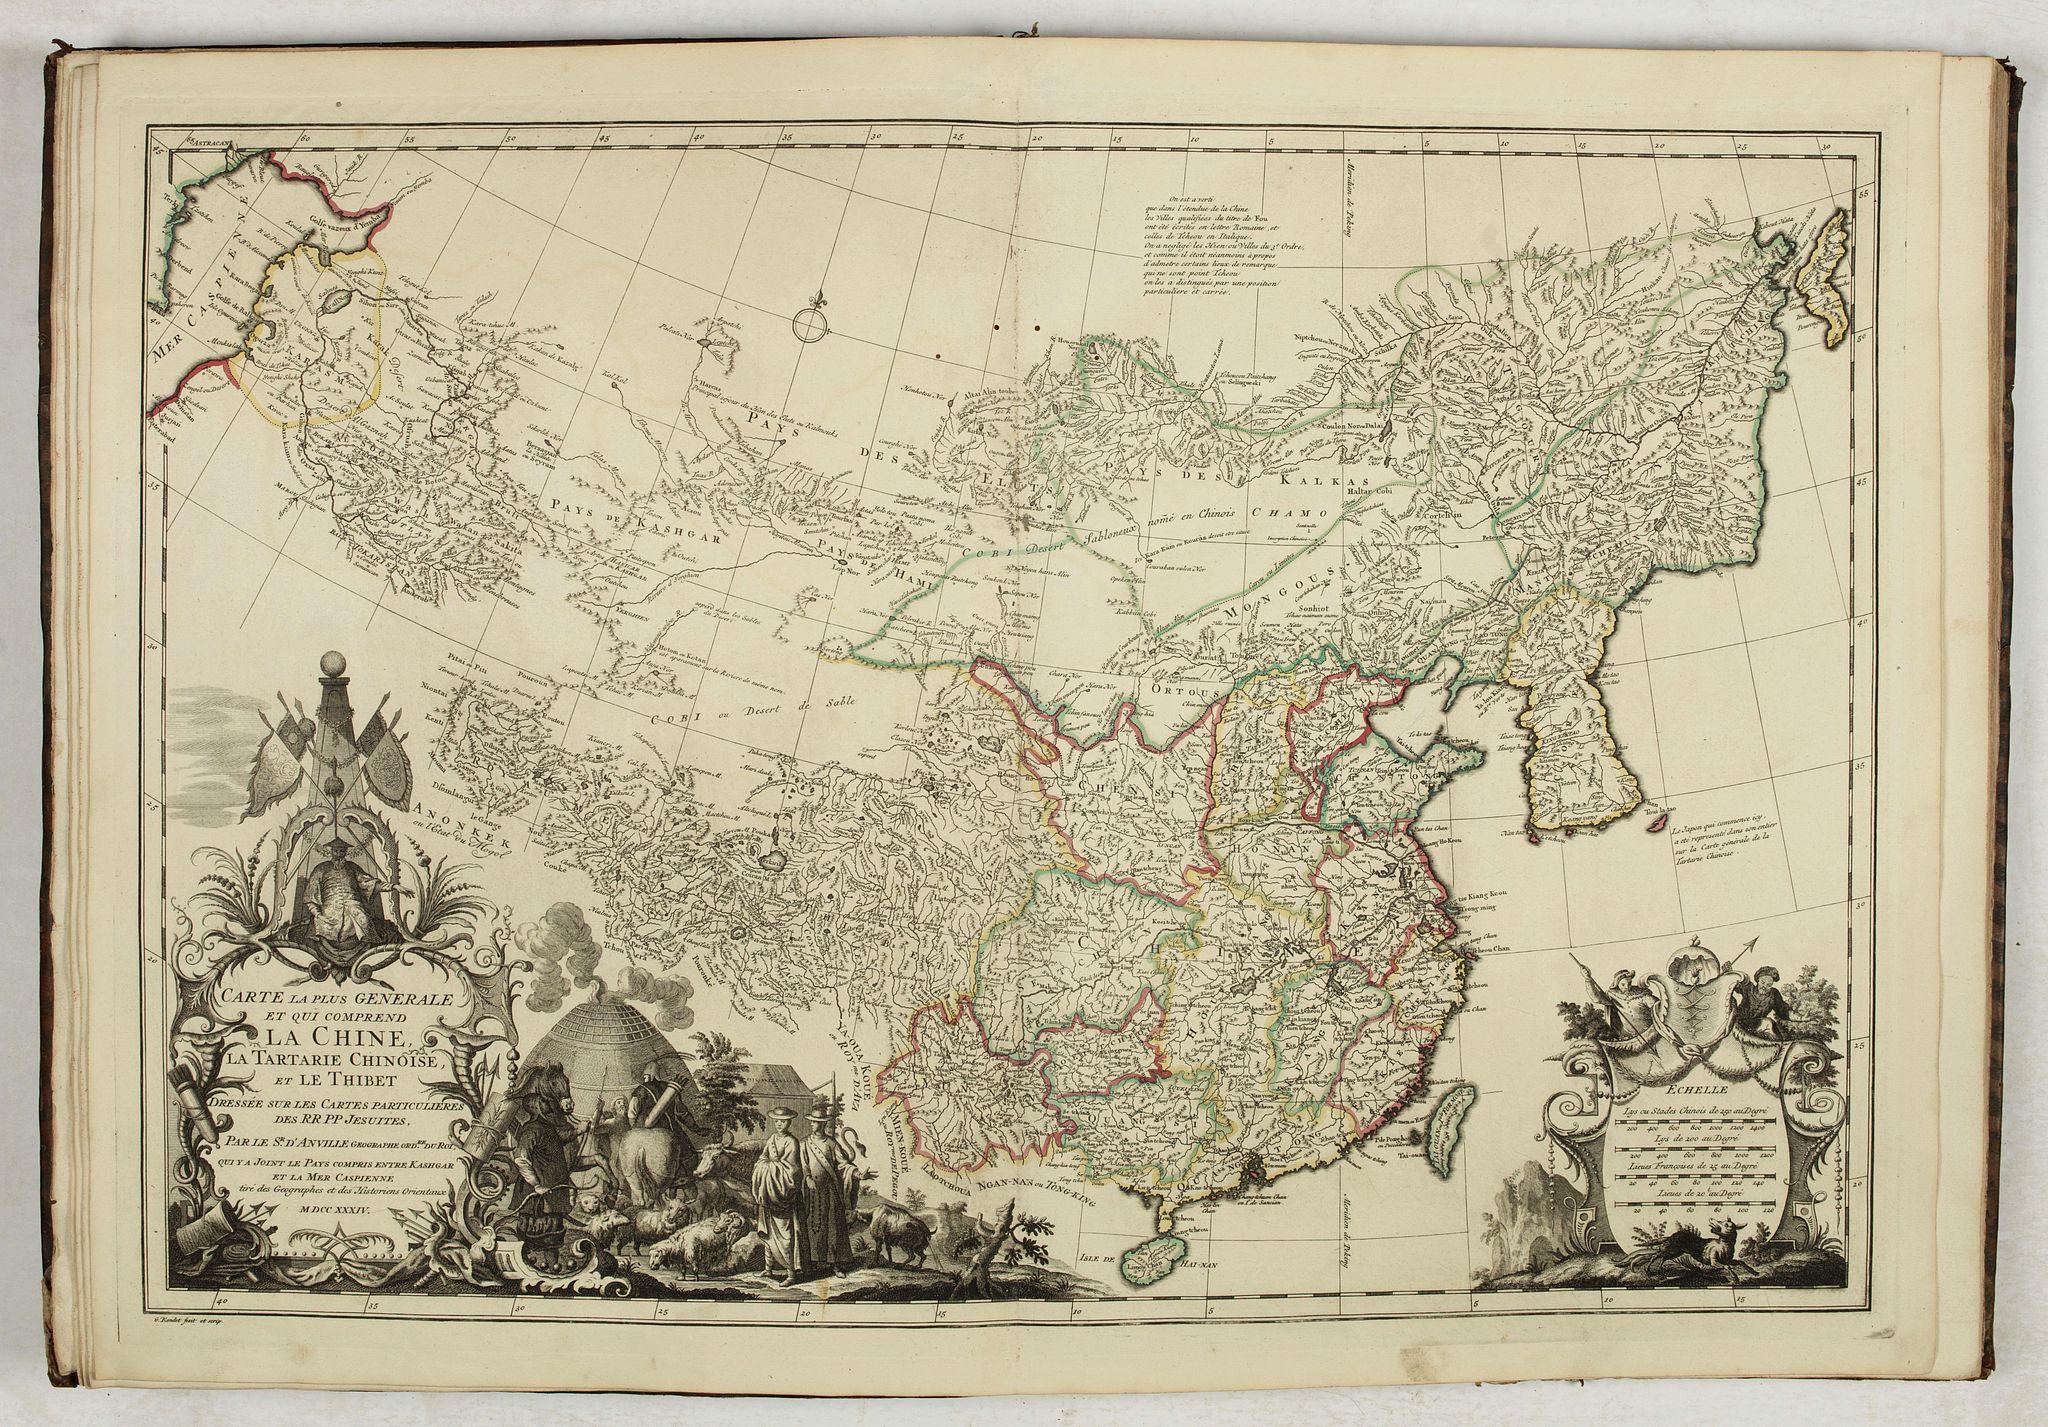 DU HALDE, J.-B. -  Nouvel atlas de la Chine, de la Tartarie chinoise, et du Thibet.